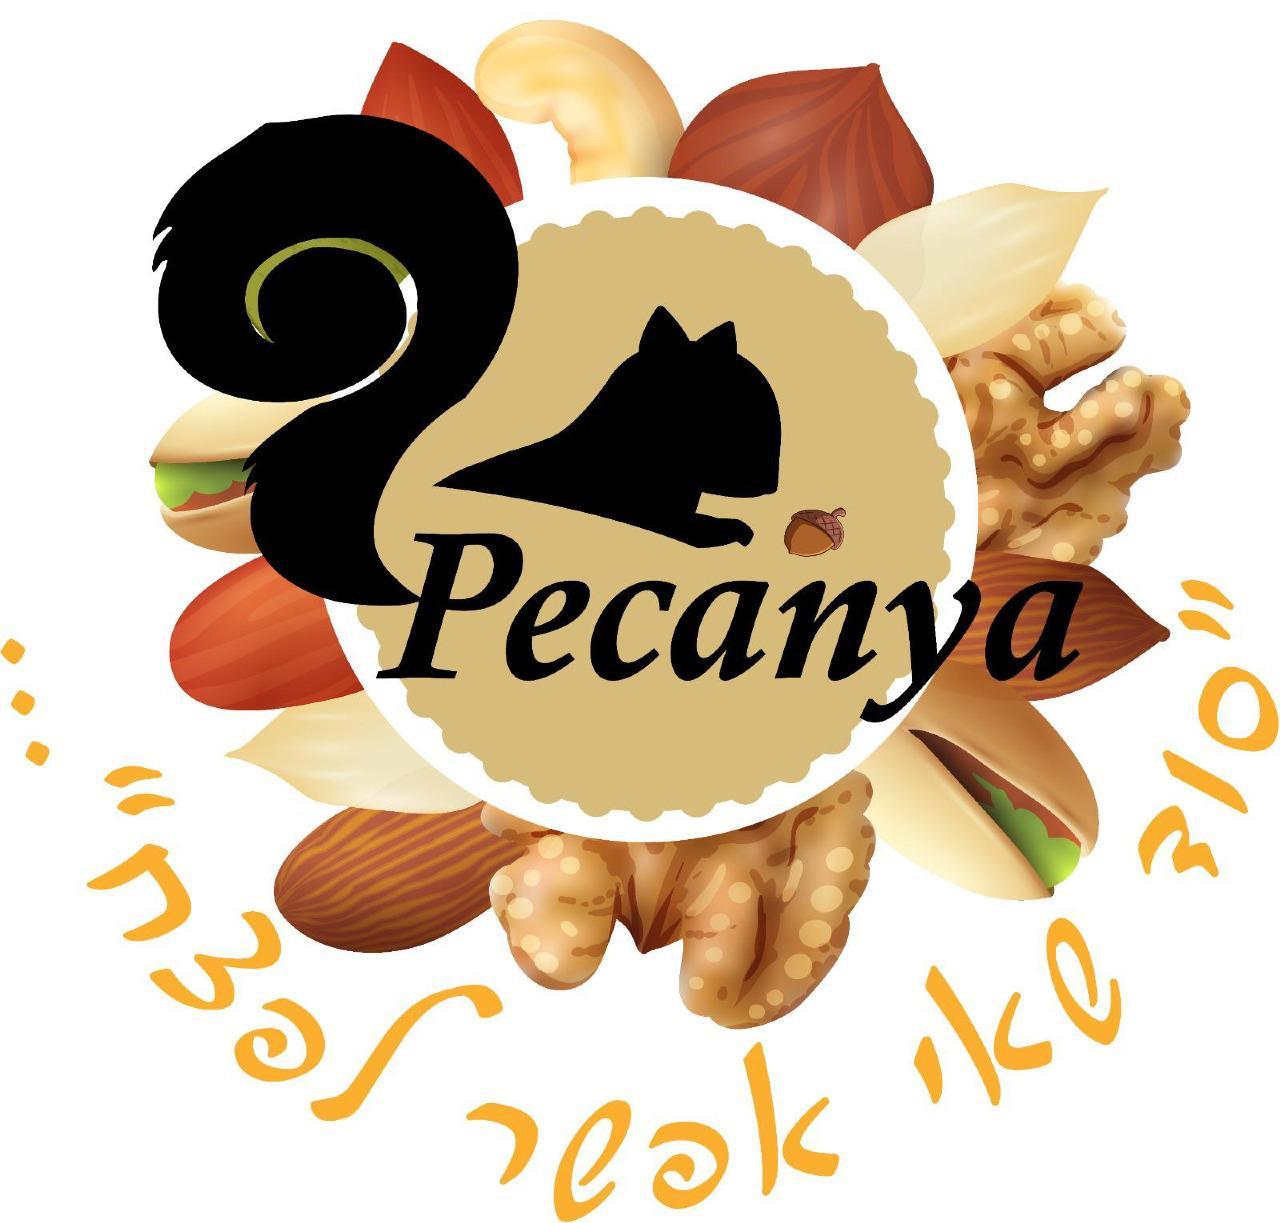 פקאניה לוגו